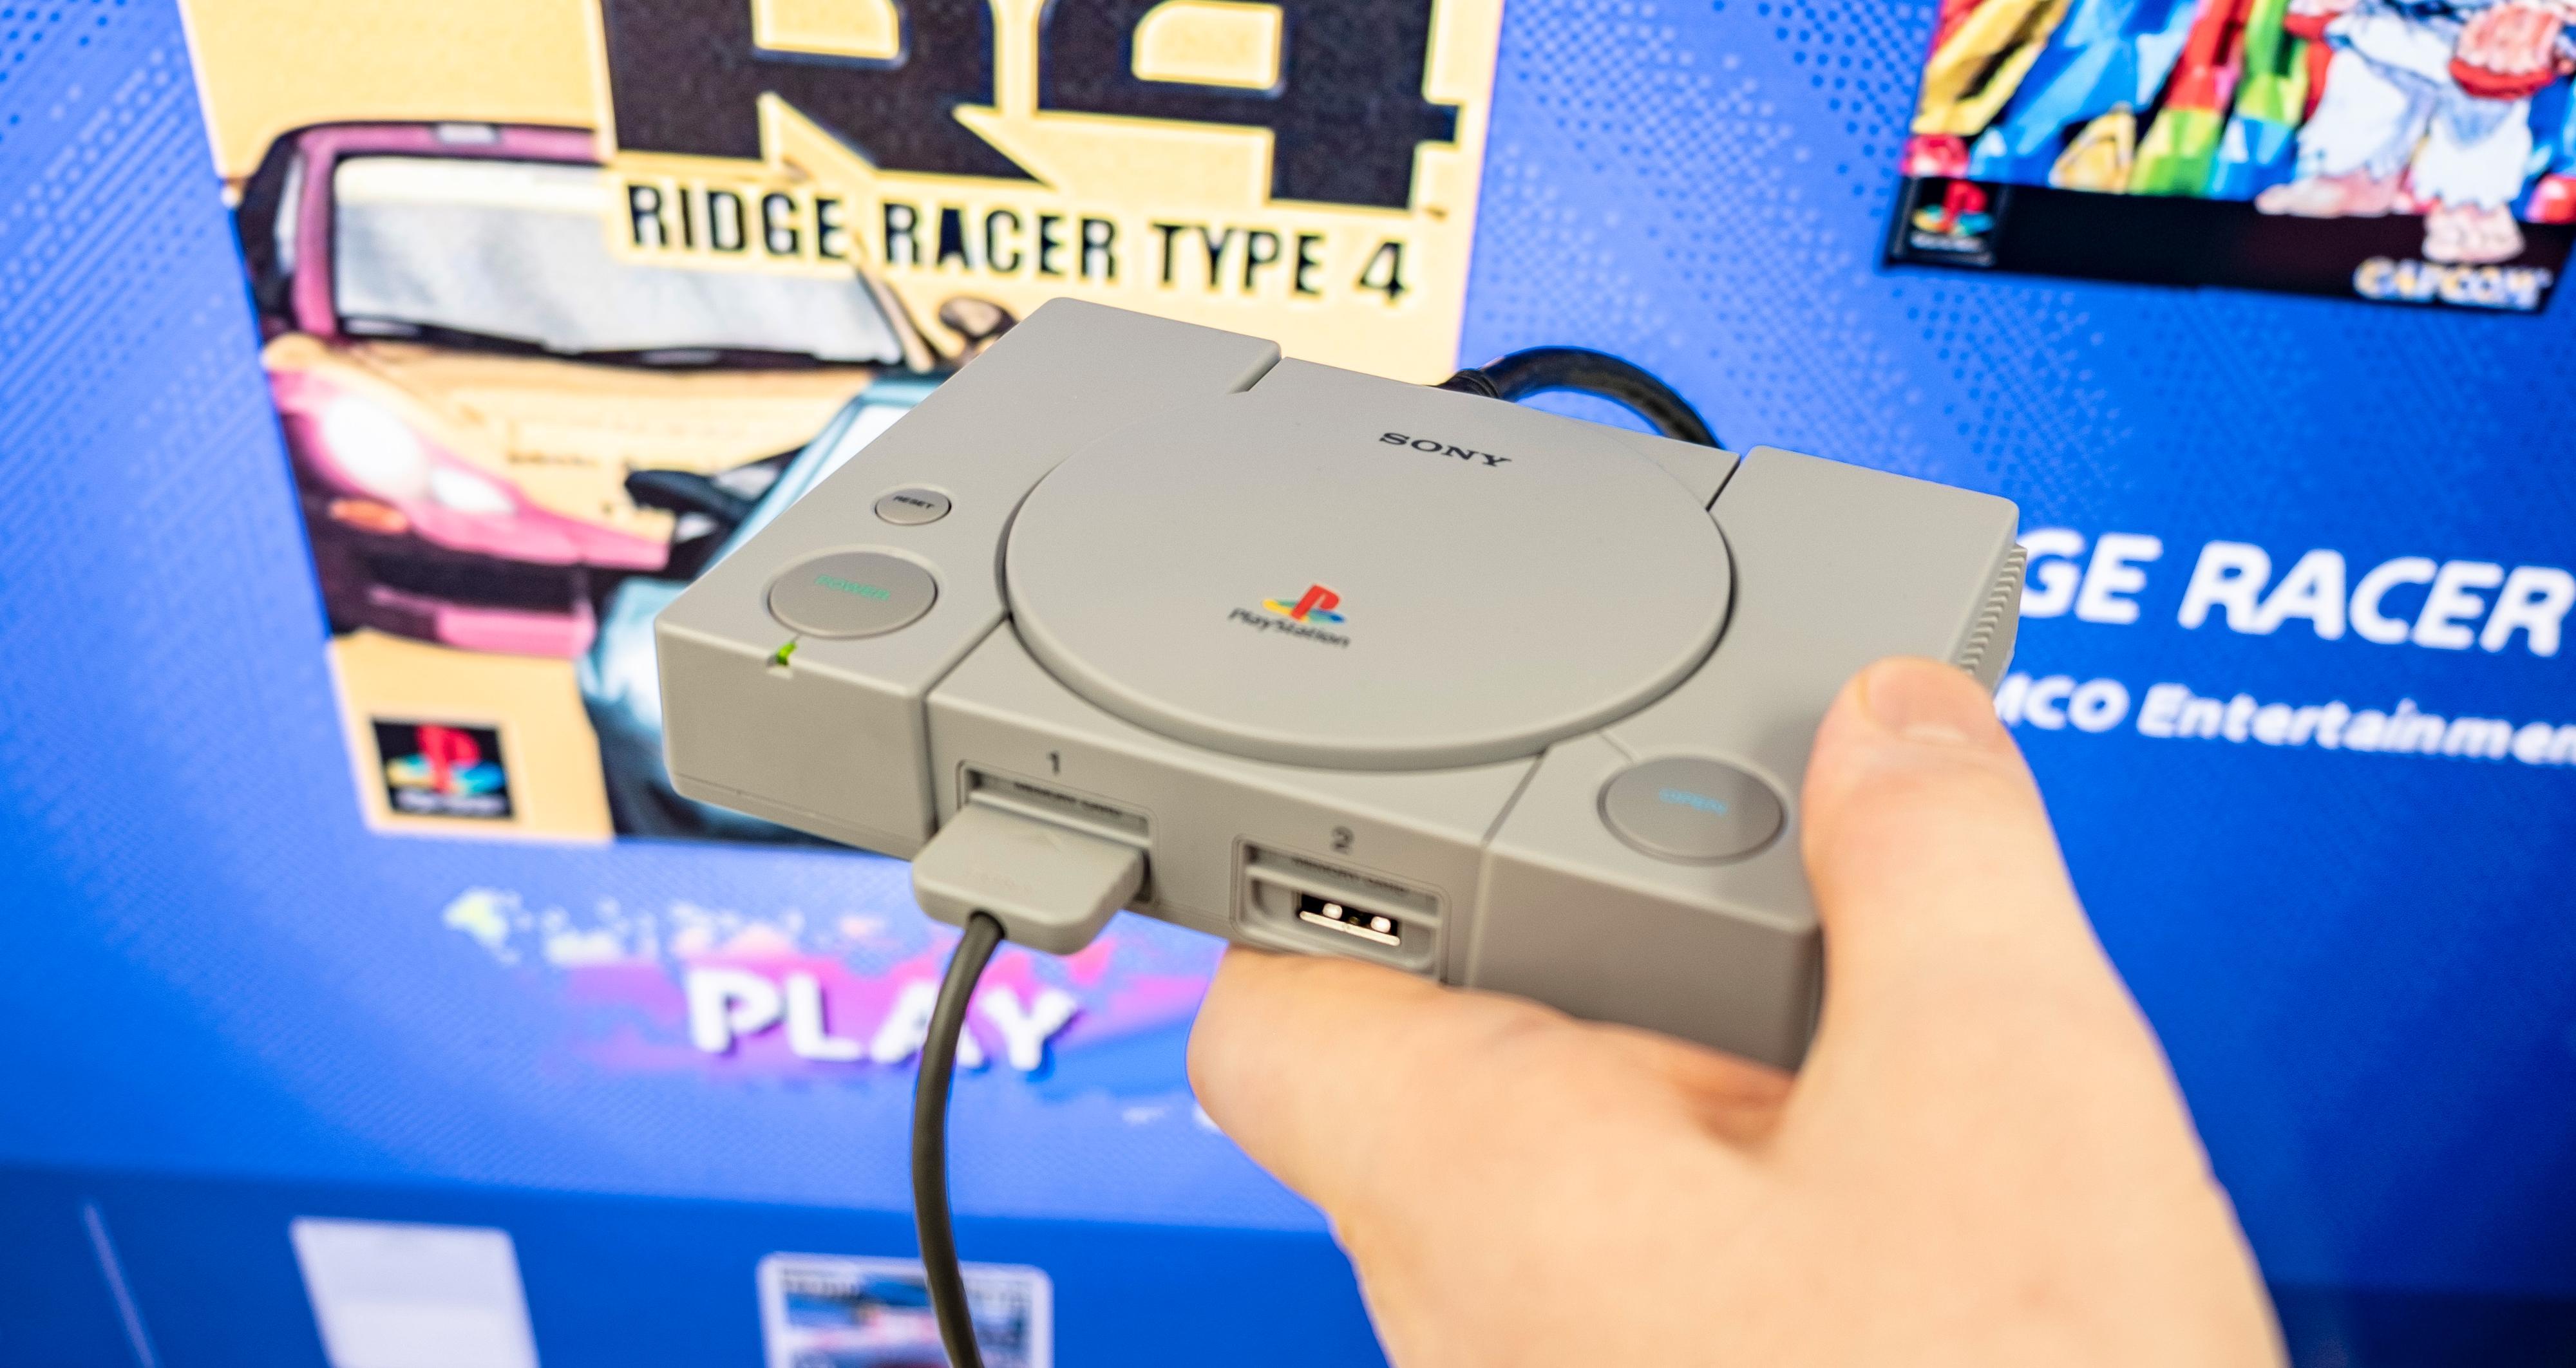 Liten og søt: Det er enkel maskinvare mellom plastdekslene på PlayStation Classic, men likevel synes vi Sony har fått relativt lite ut av denne dingsen.